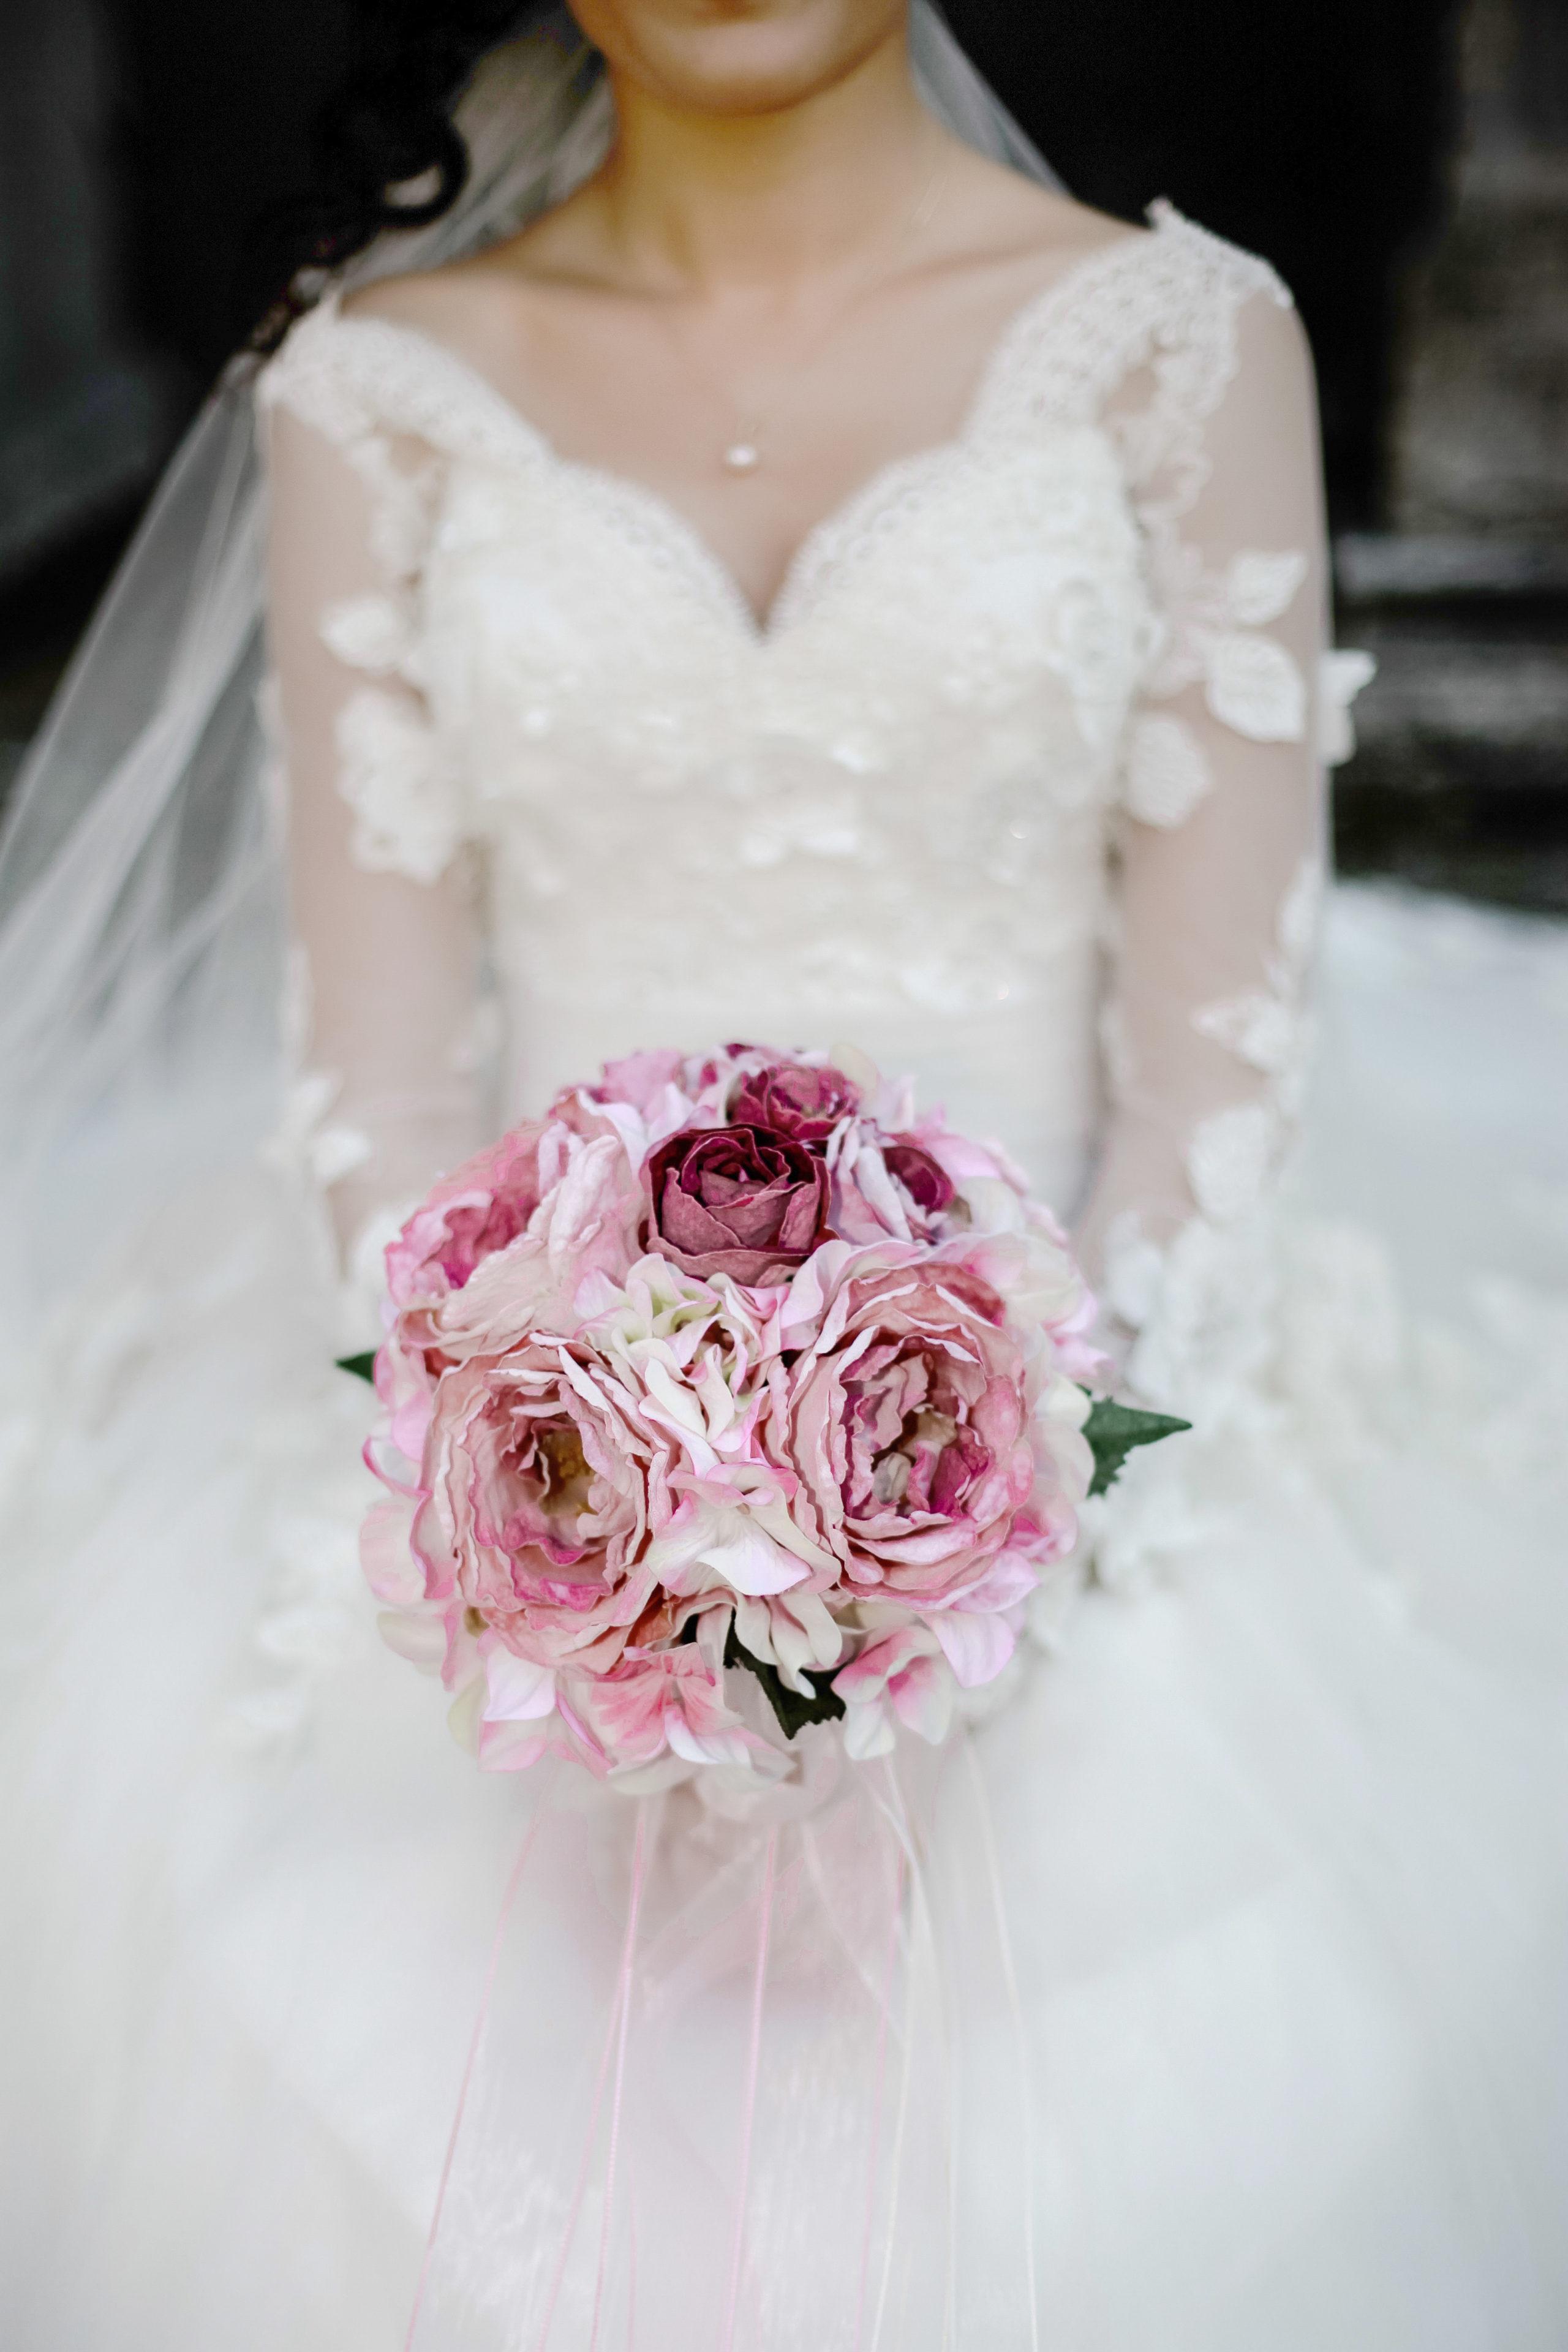 Türkische Brautkleider – herrliche Brautmode für türkische